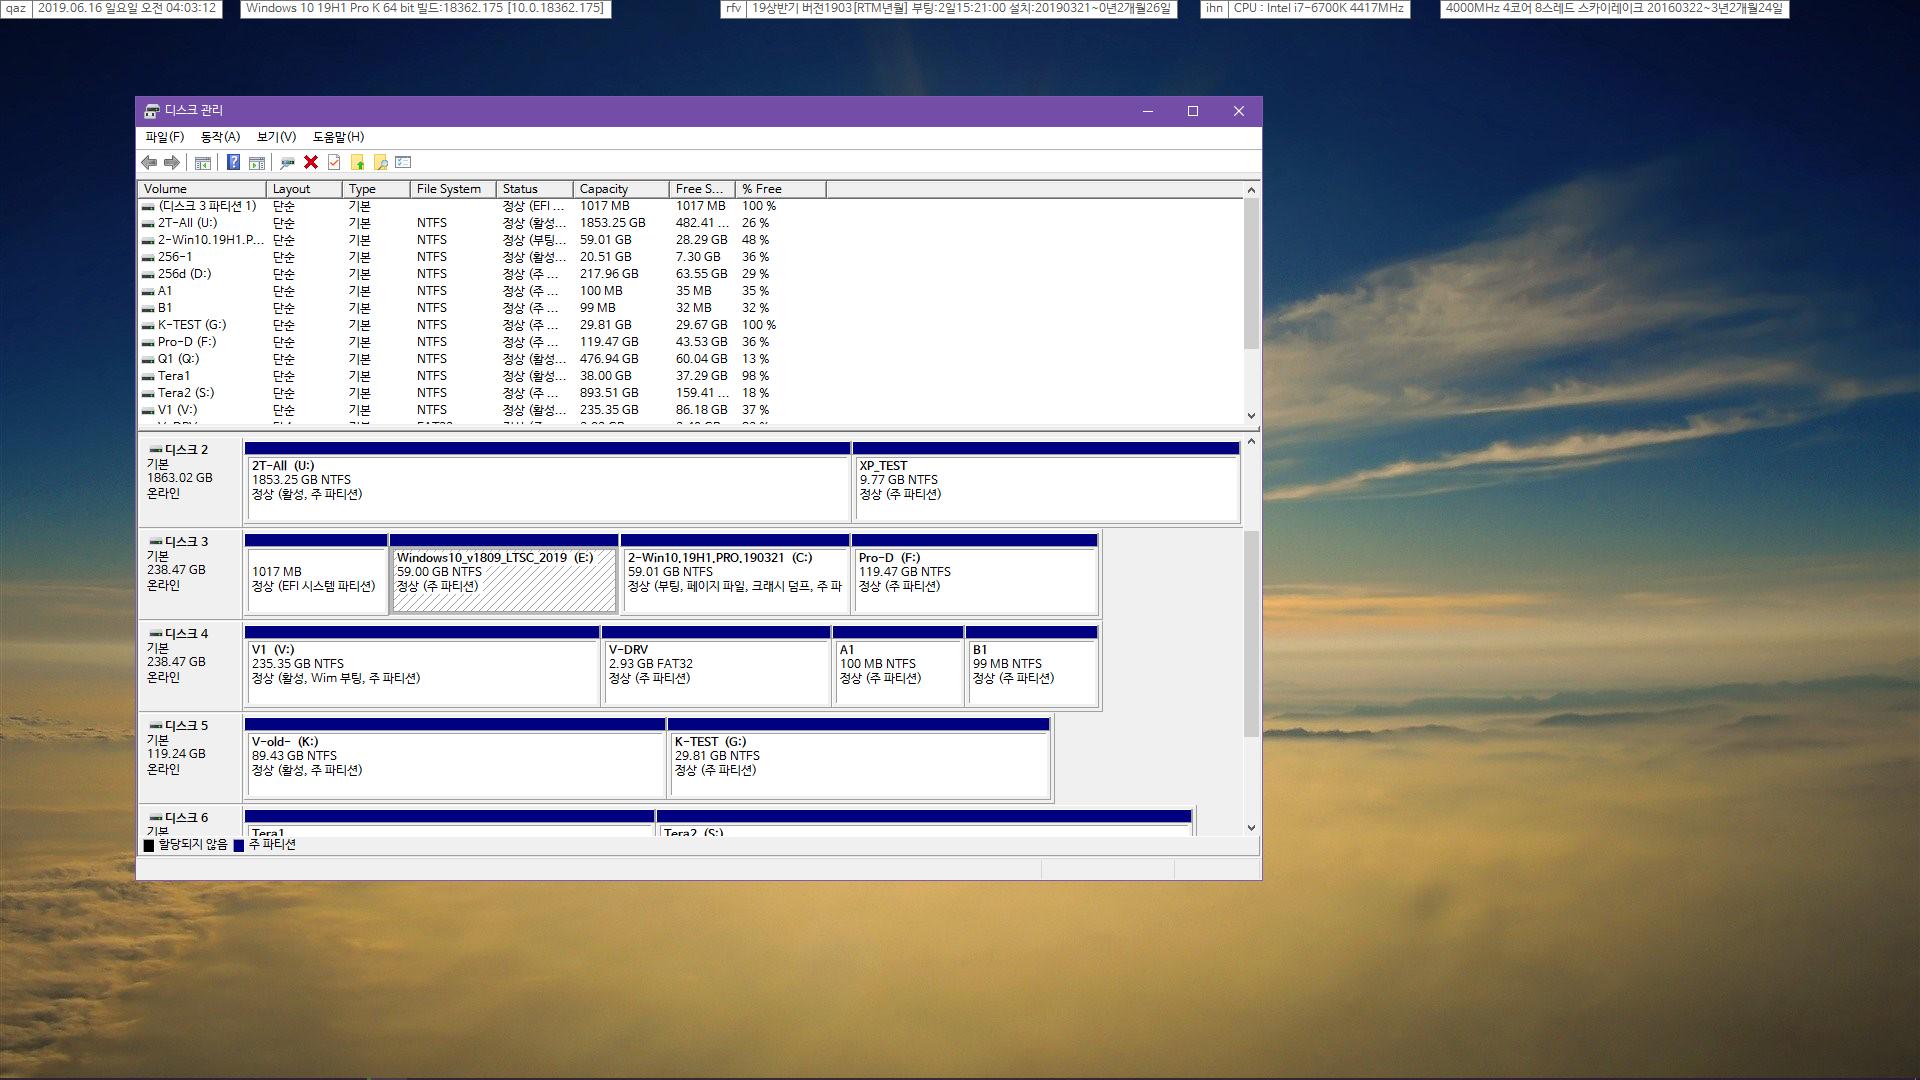 VHD를 실컴에 복구하기 - 파티션 복제, bcdboot, 하이브 로드하여 드라이브 문자들은 전부 삭제함 - 디스크 관리 재실행해야 변경사항이 반영됩니다 2019-06-16_040312.png